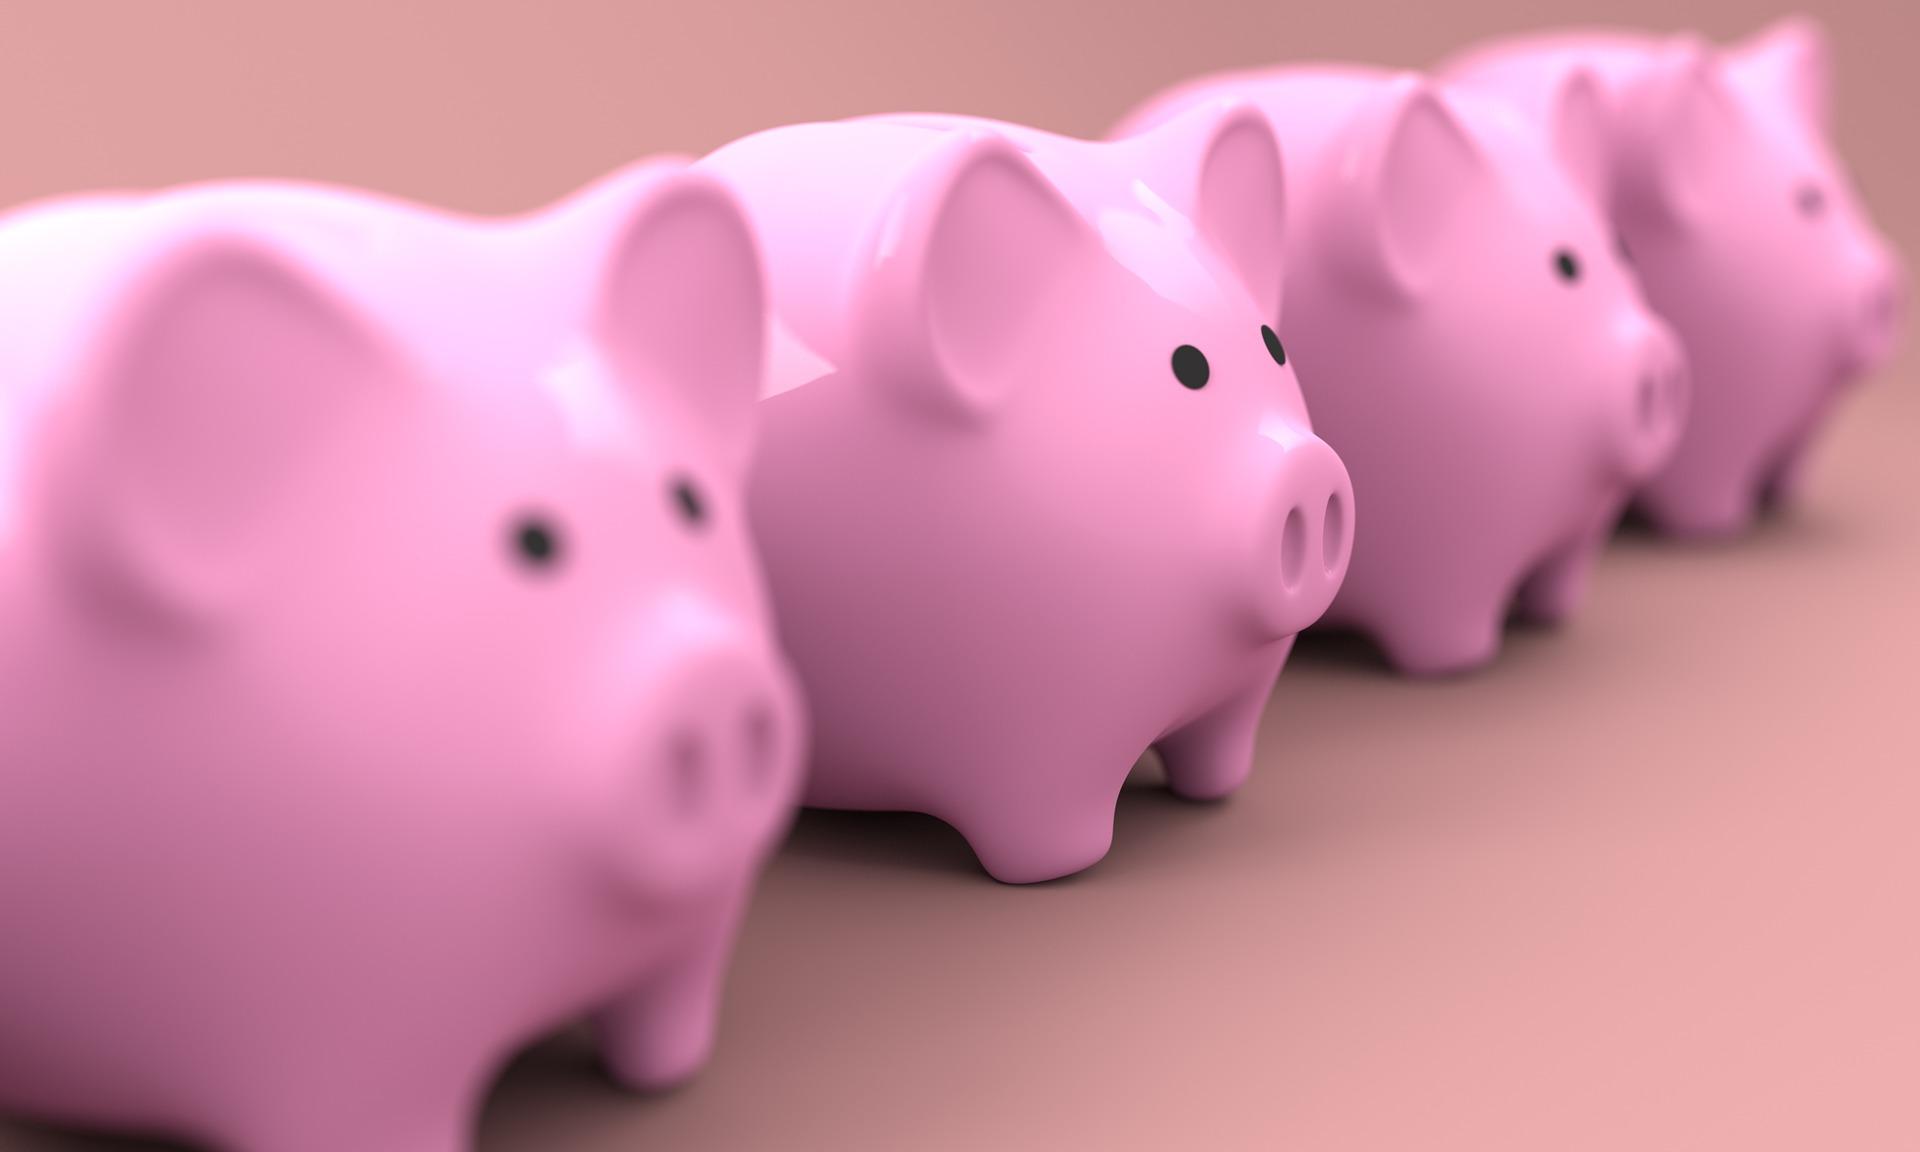 Contributo a fondo perduto per le nuove P.IVA a partire da 1000 euro